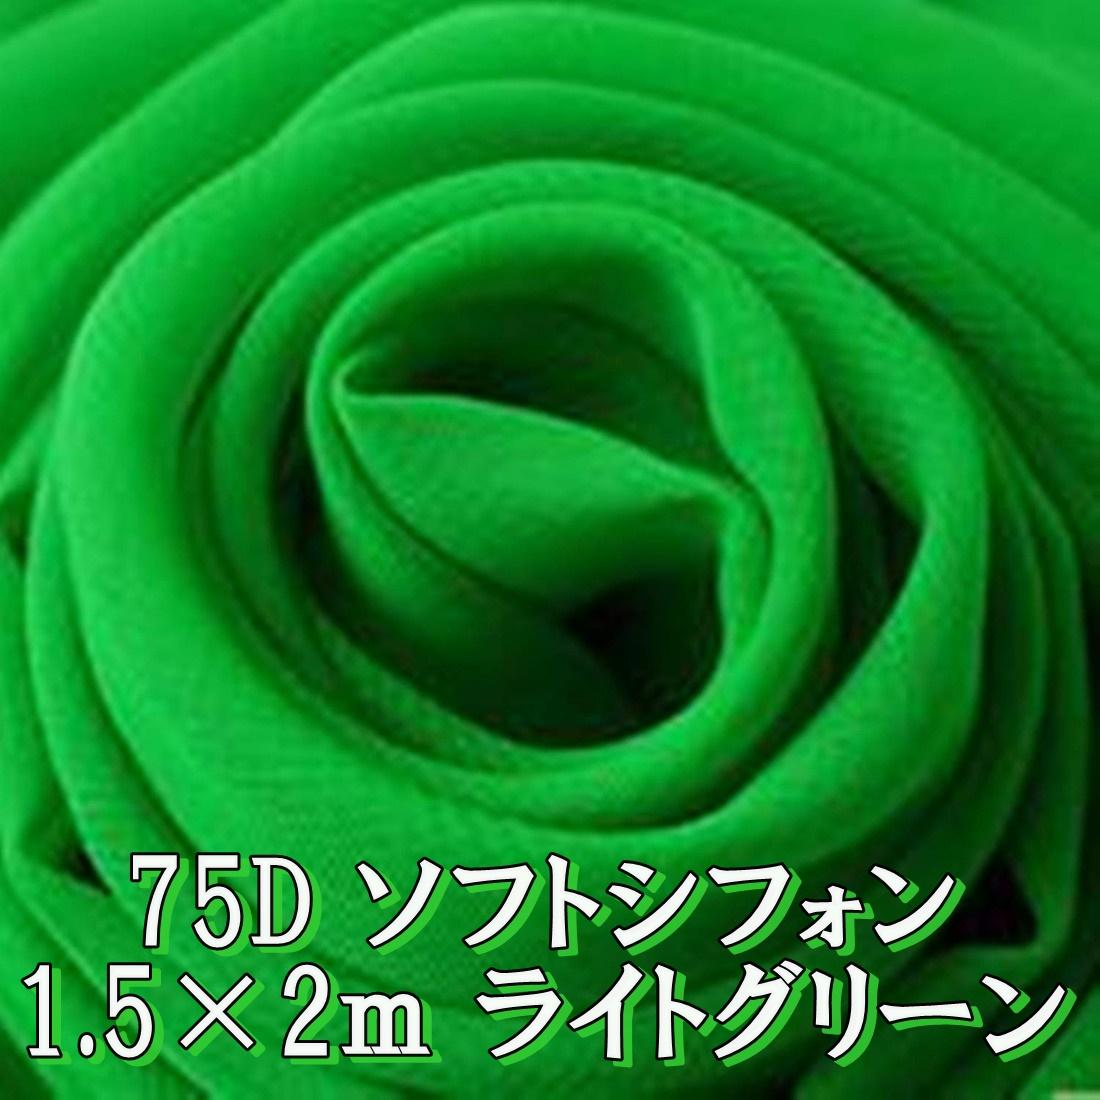 切り売り m裁断済み 75D 新作 ソフト シフォン 生地 カラー ライトグリーン 黄緑 無地 手芸 柔軟 2m×幅1.5m ハンドメイド 薄手 用 約 単色 メーカー直送 送料無料